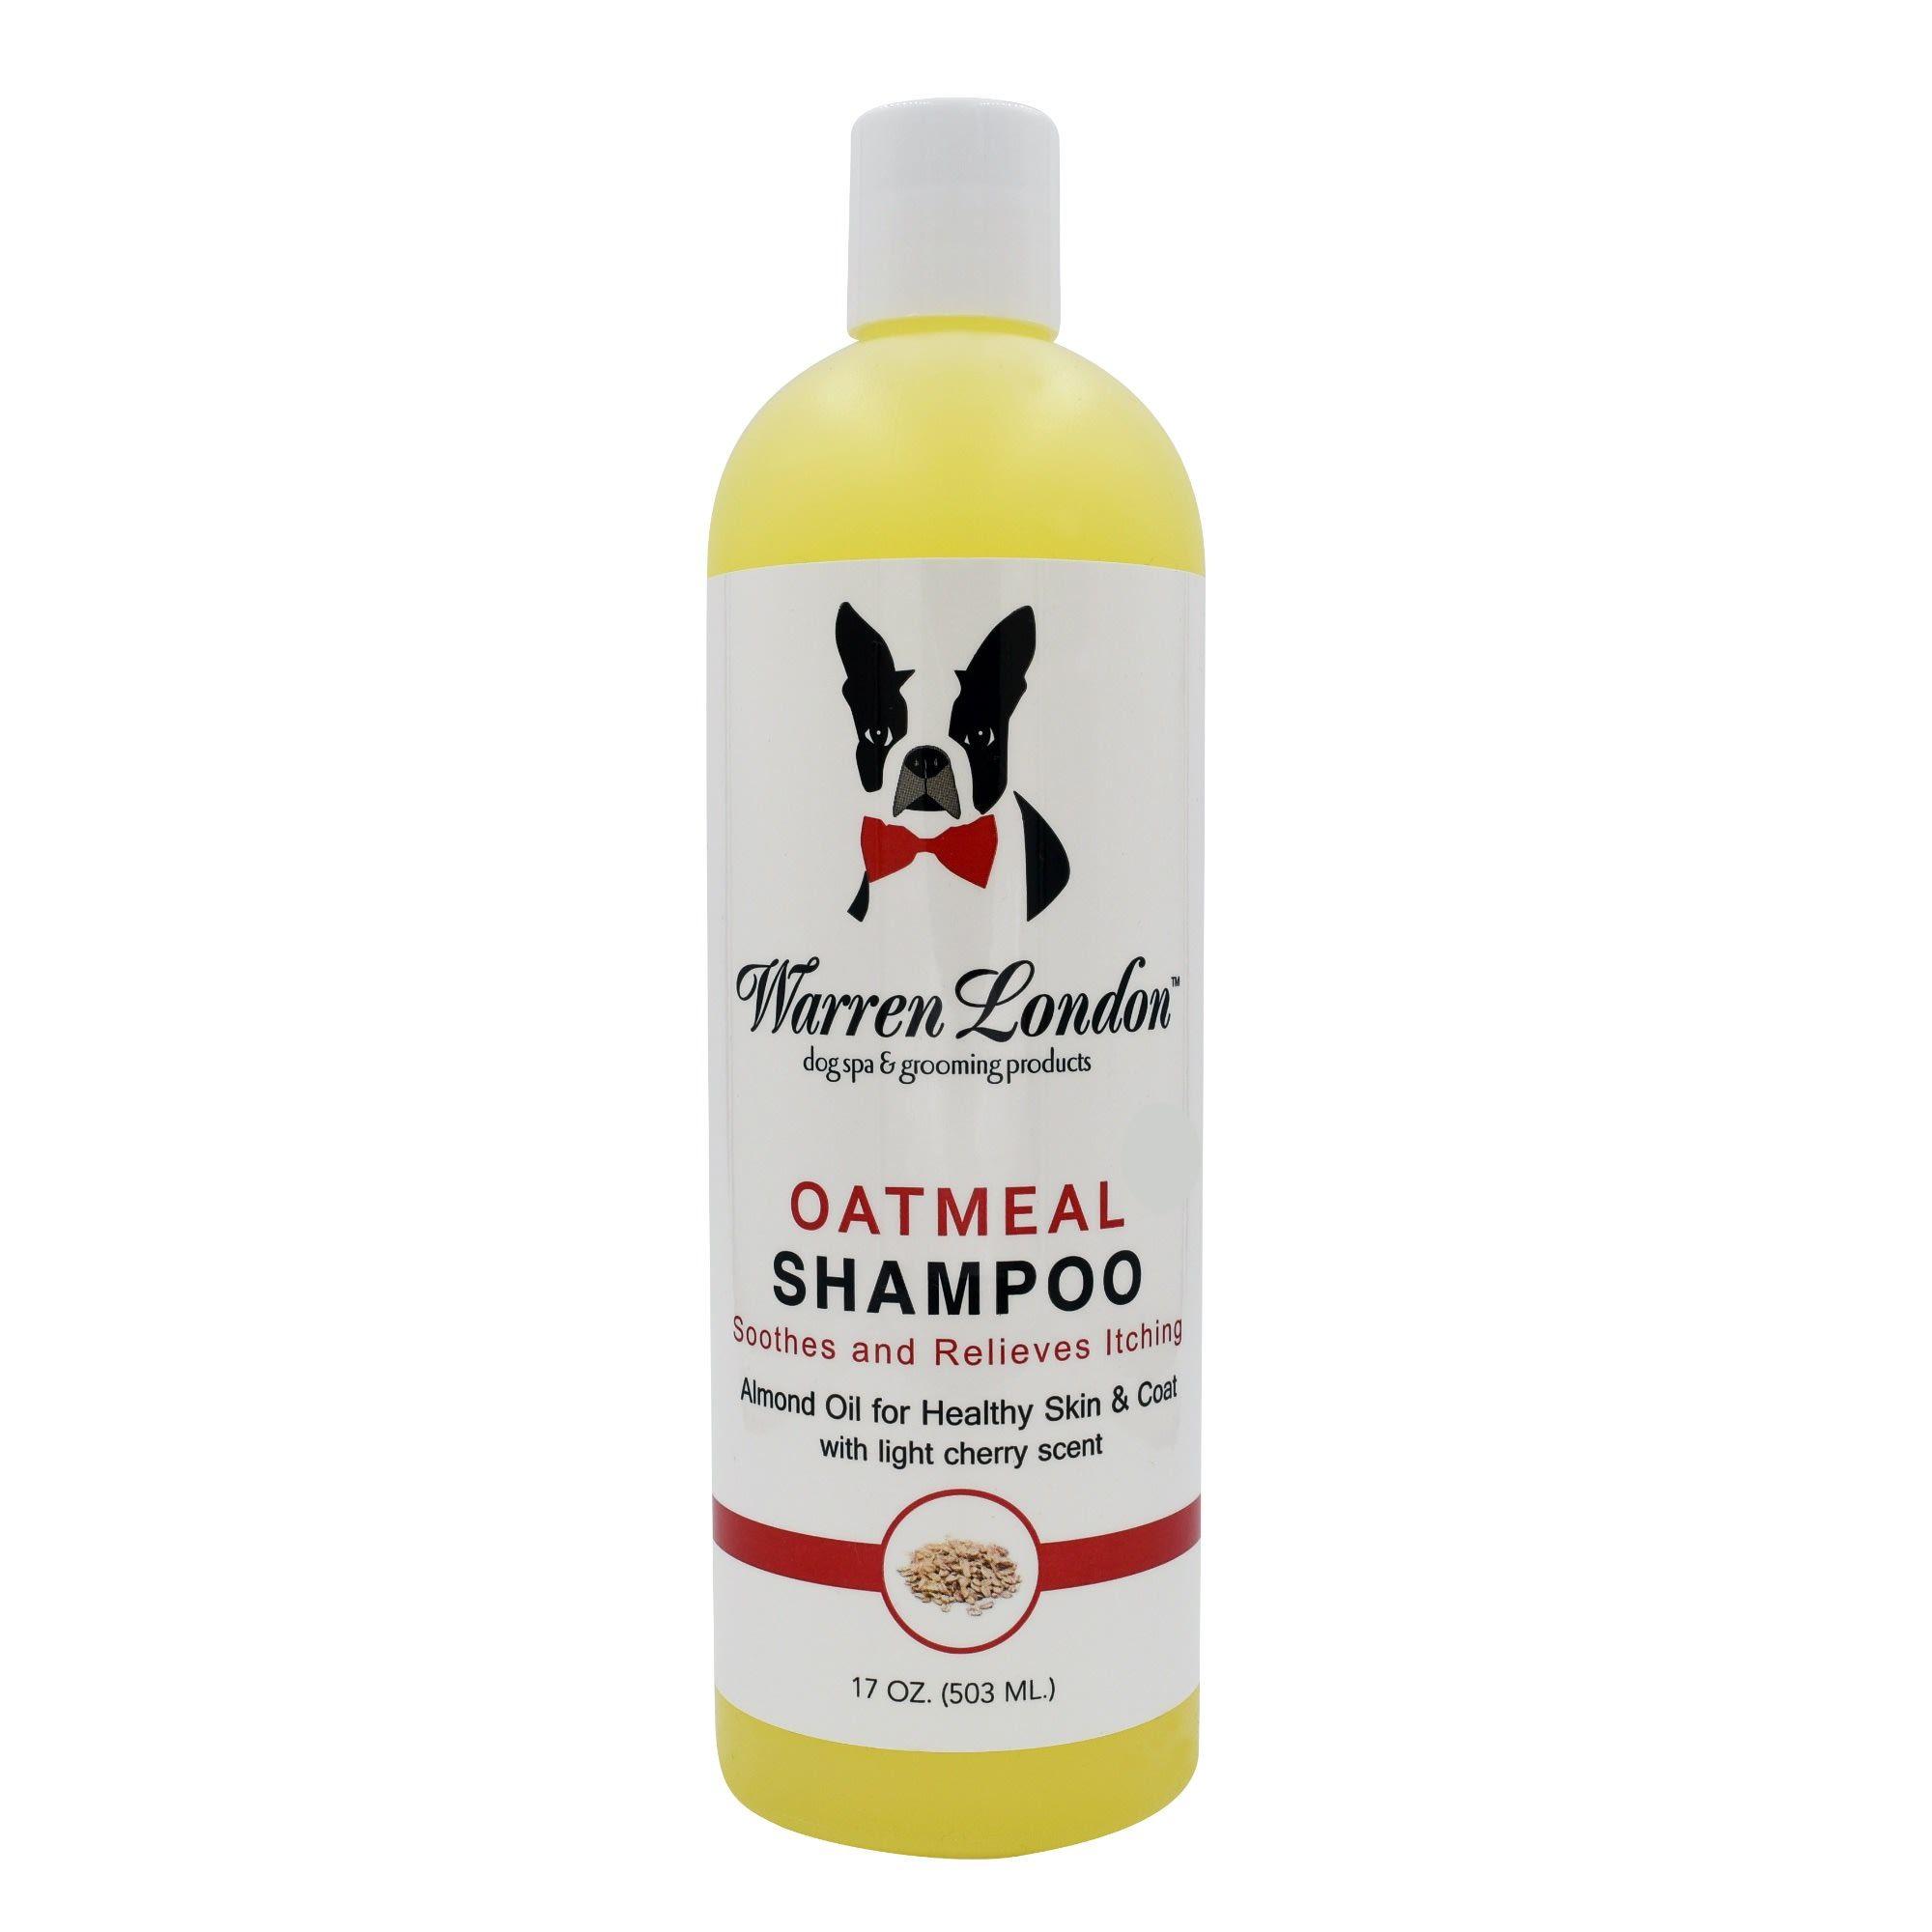 Warren London Oatmeal Shampoo For Dogs 17 Fl Oz 17 Fz In 2020 Oatmeal Shampoo Dog Shampoo Natural Shampoo